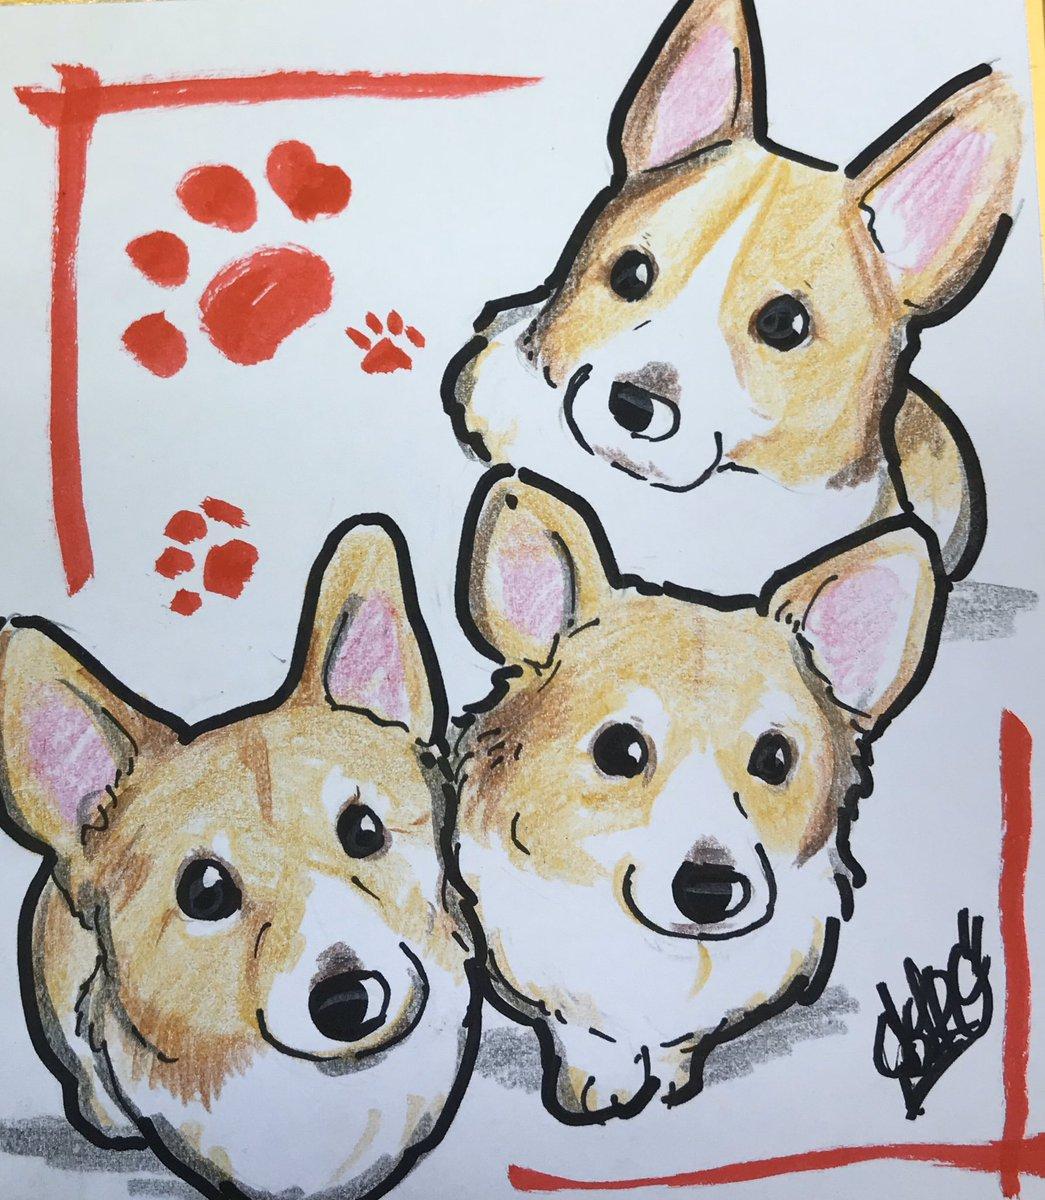 リクエストイラスト      #dog #犬 #illustration #イラスト #art #artist #illustrator #絵描き #painting #drawingart #graffiti #pencil #イラストレーター